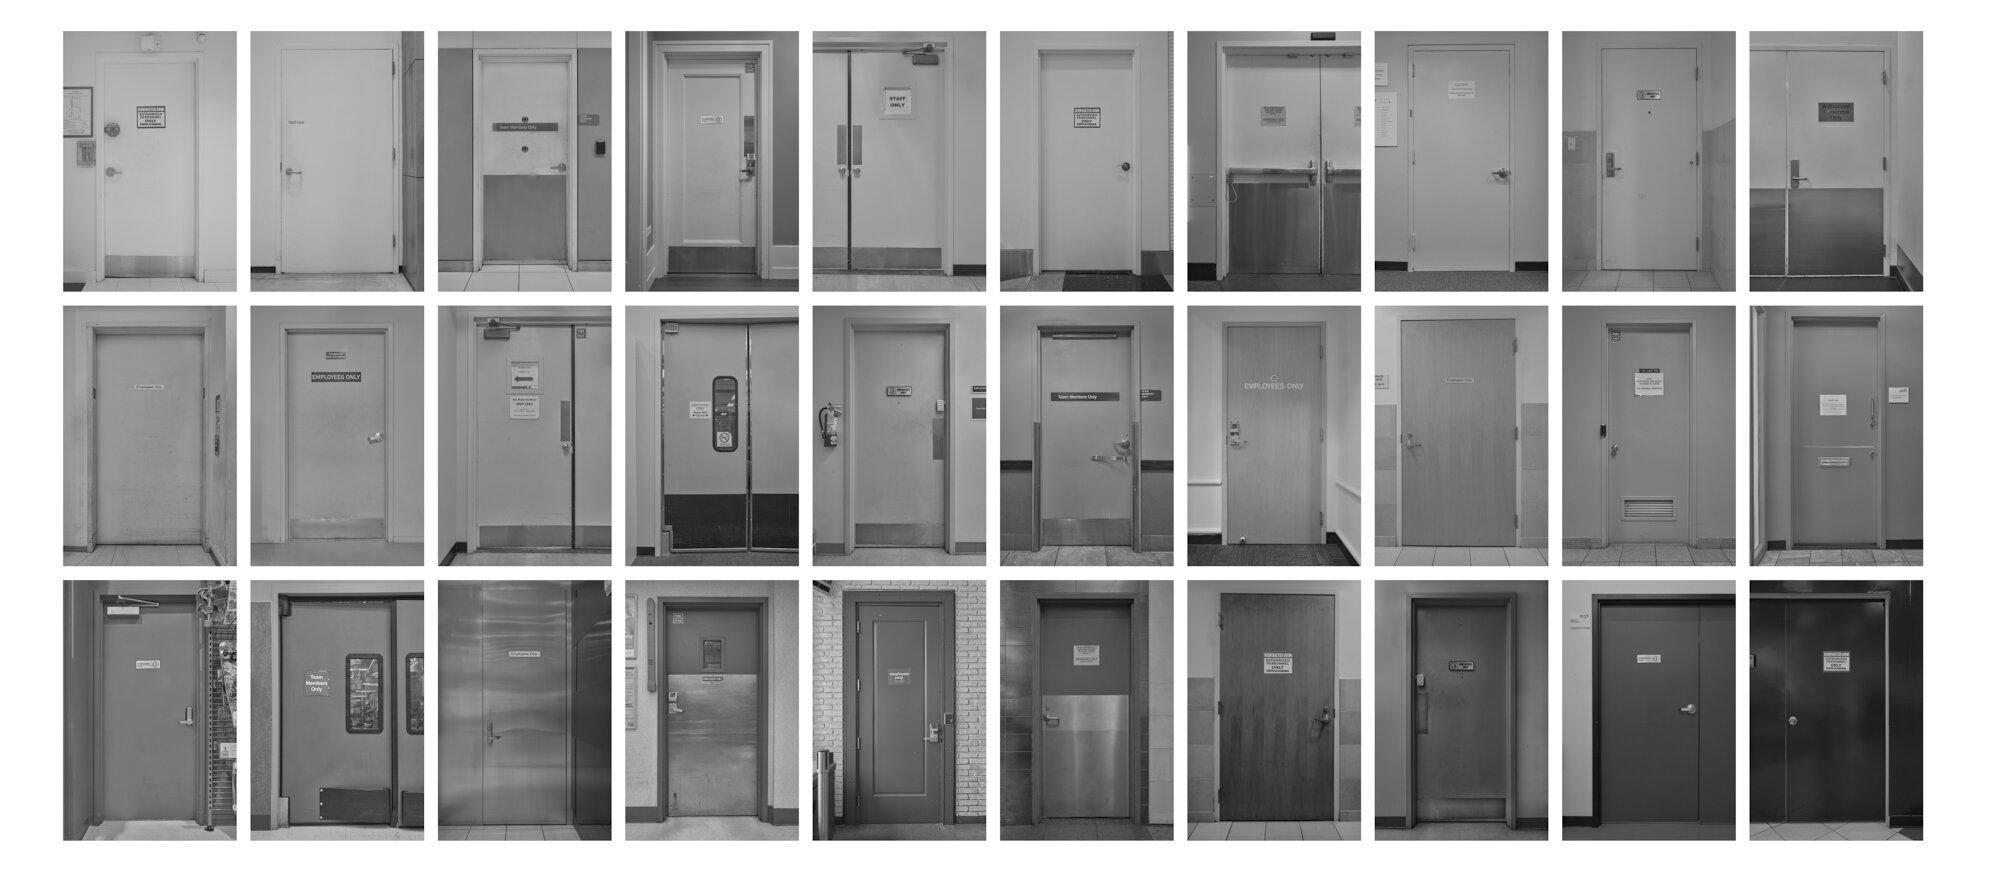 Entrances.jpg